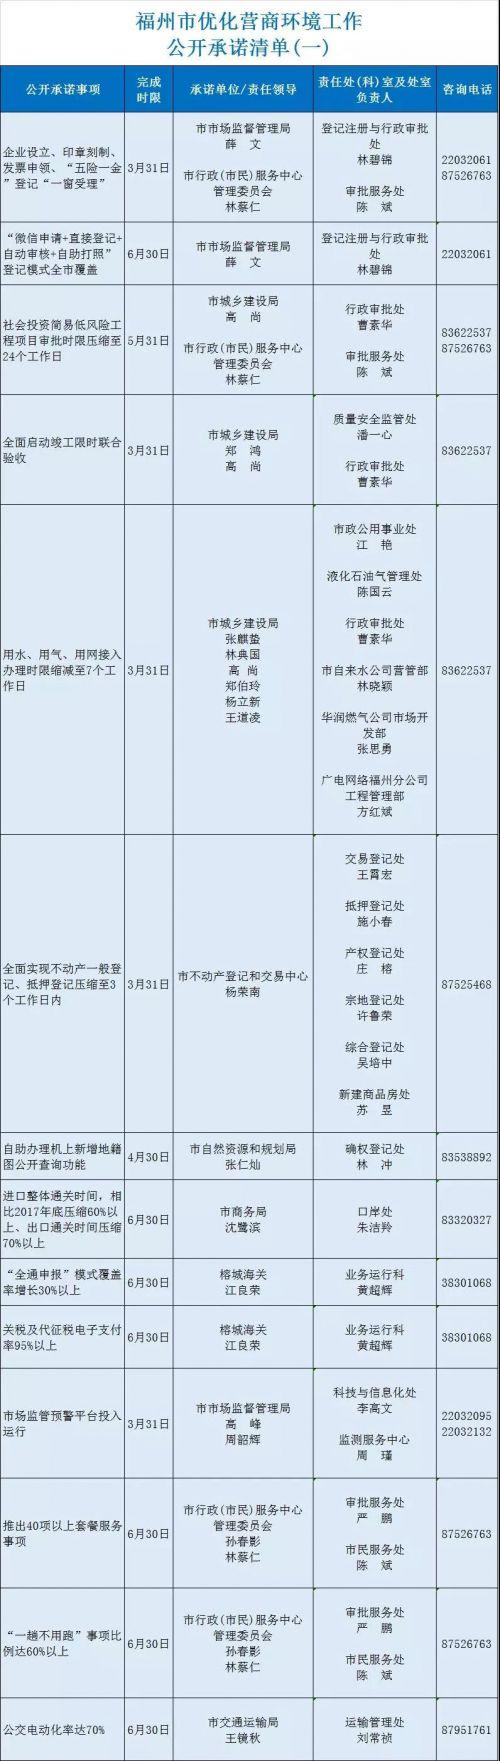 http://www.clzxc.com/dushujiaoyu/18640.html